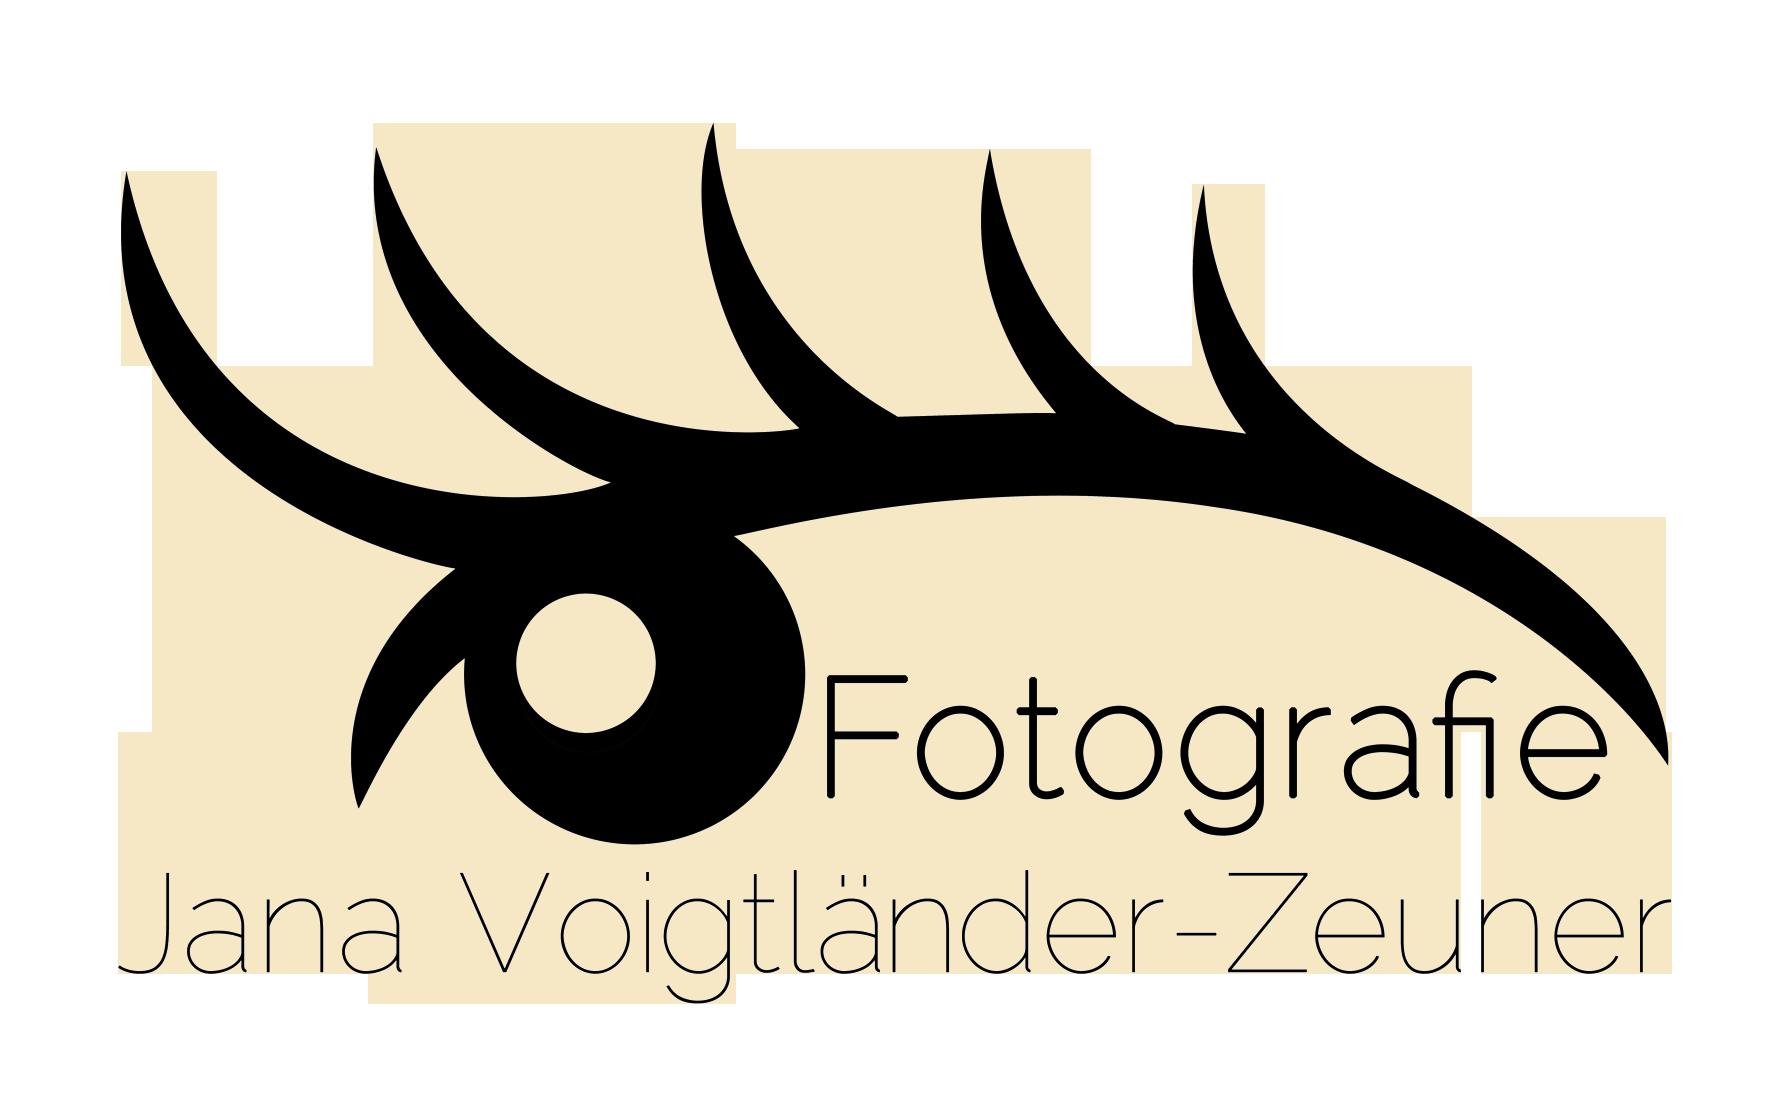 Feengrotten-Hochzeit-Saalfeld: Die Fotografin Jana Voigtländer-Zeuner fotografiert ihre Hochzeit in den Saalfelder Feengrotten